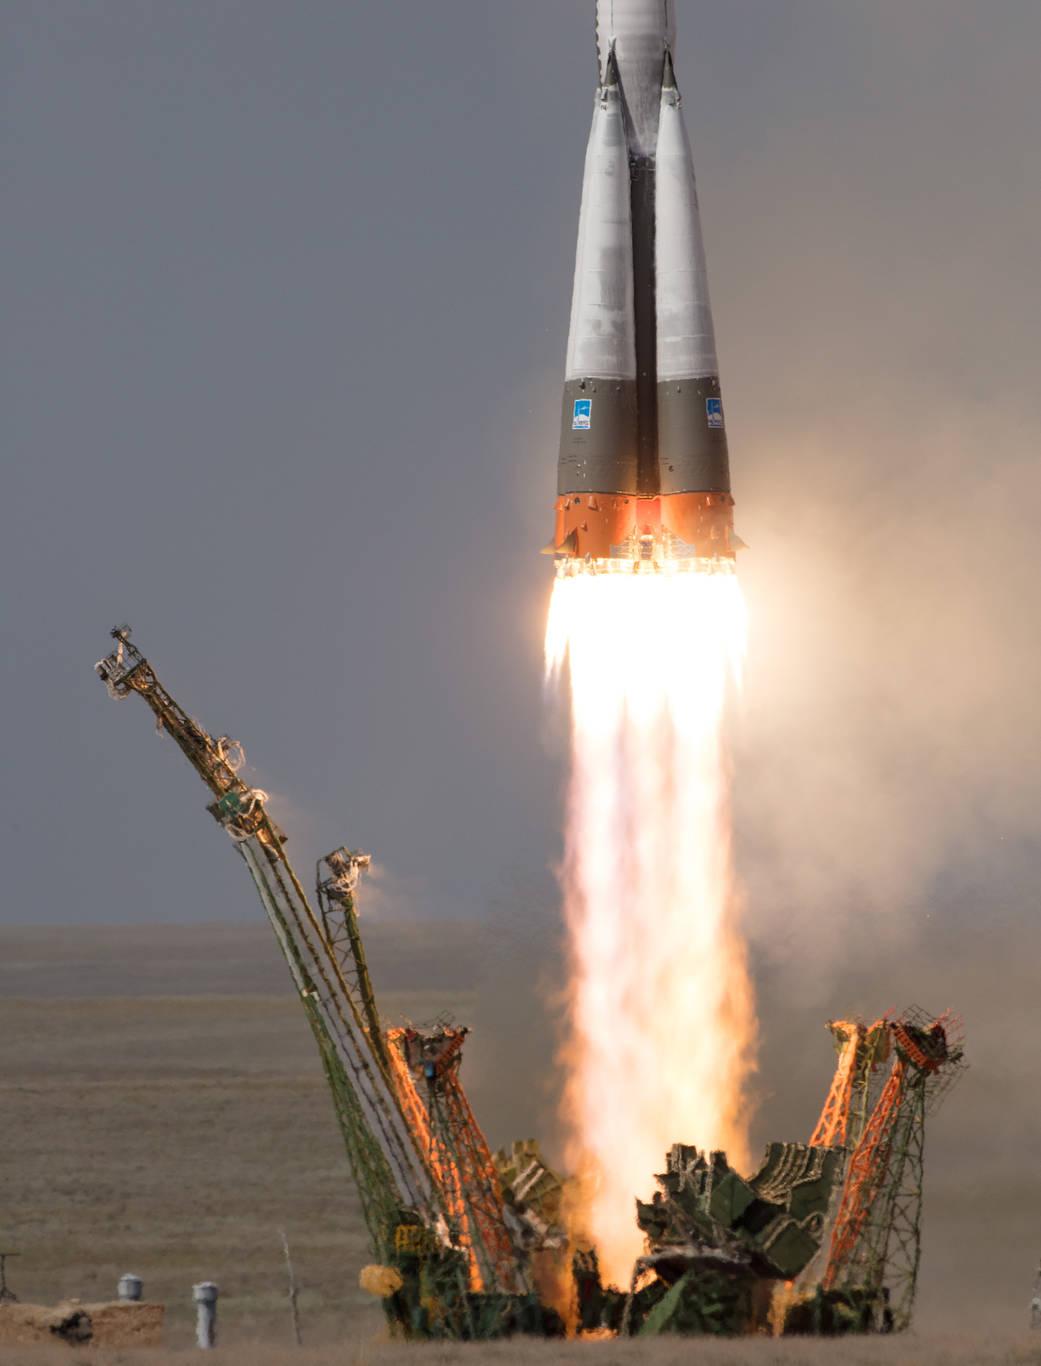 Liftoff of Soyuz